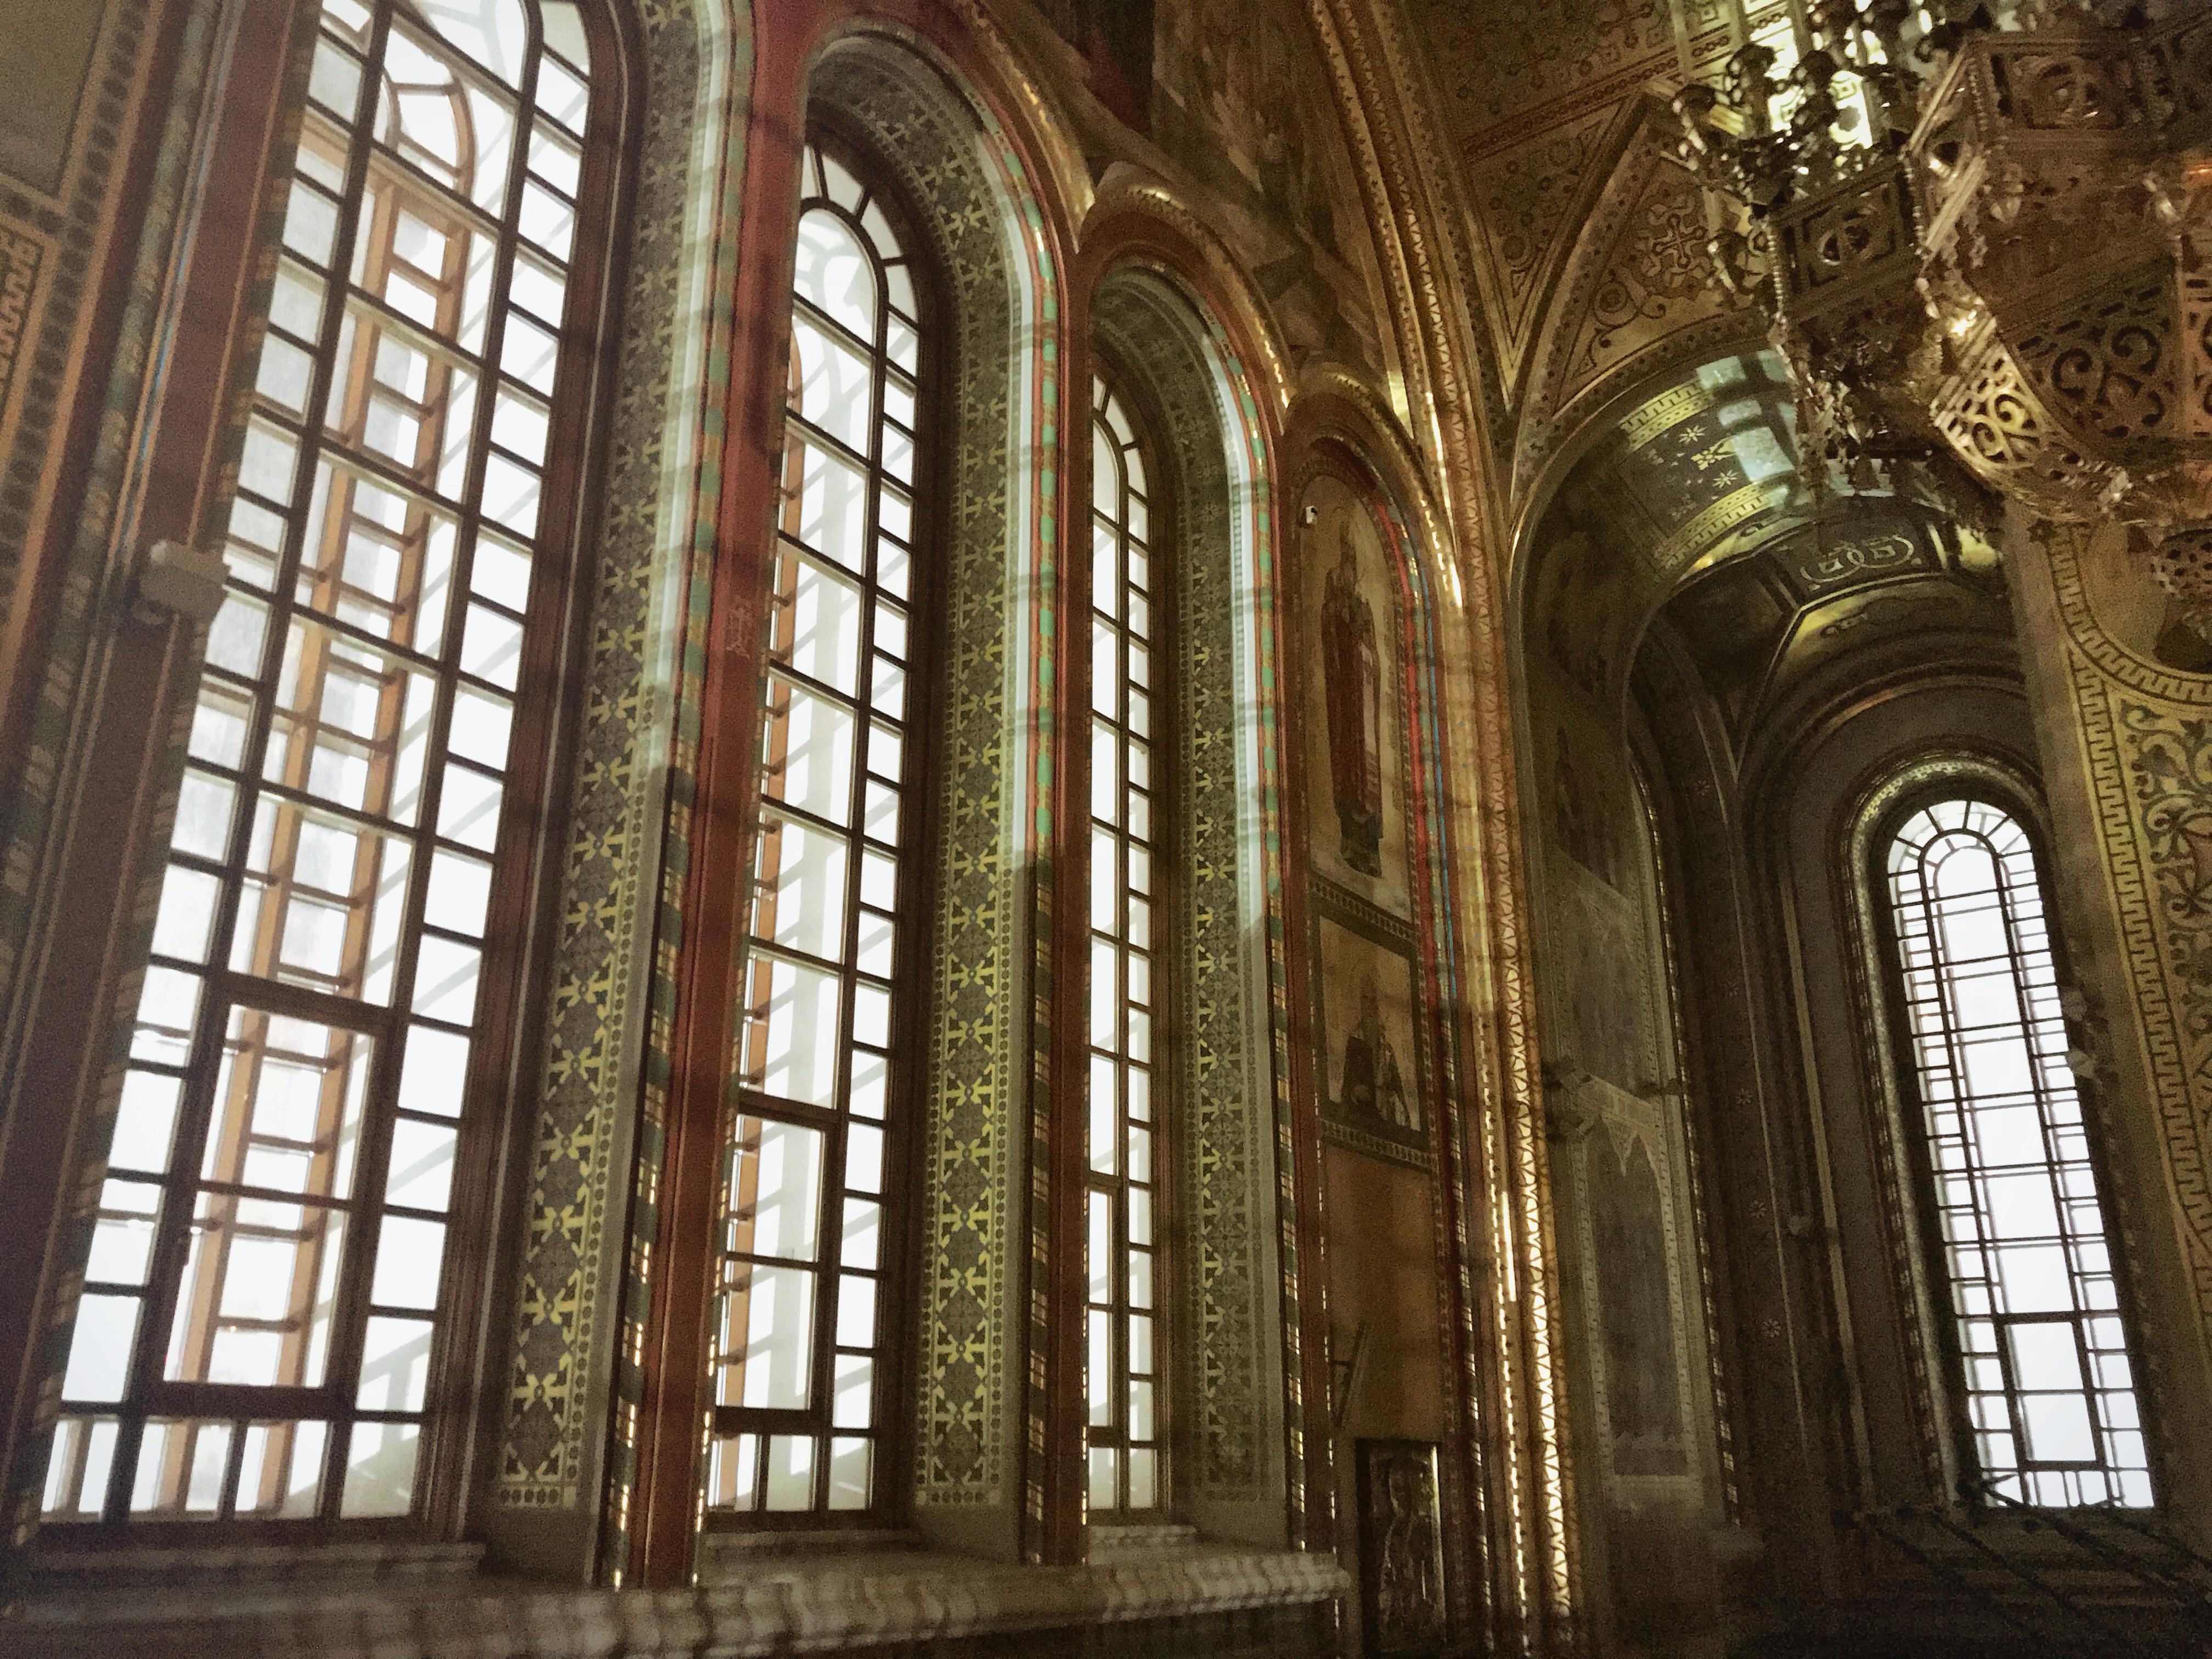 kscheib Christ-Erlöser-Kathedrale Fenster